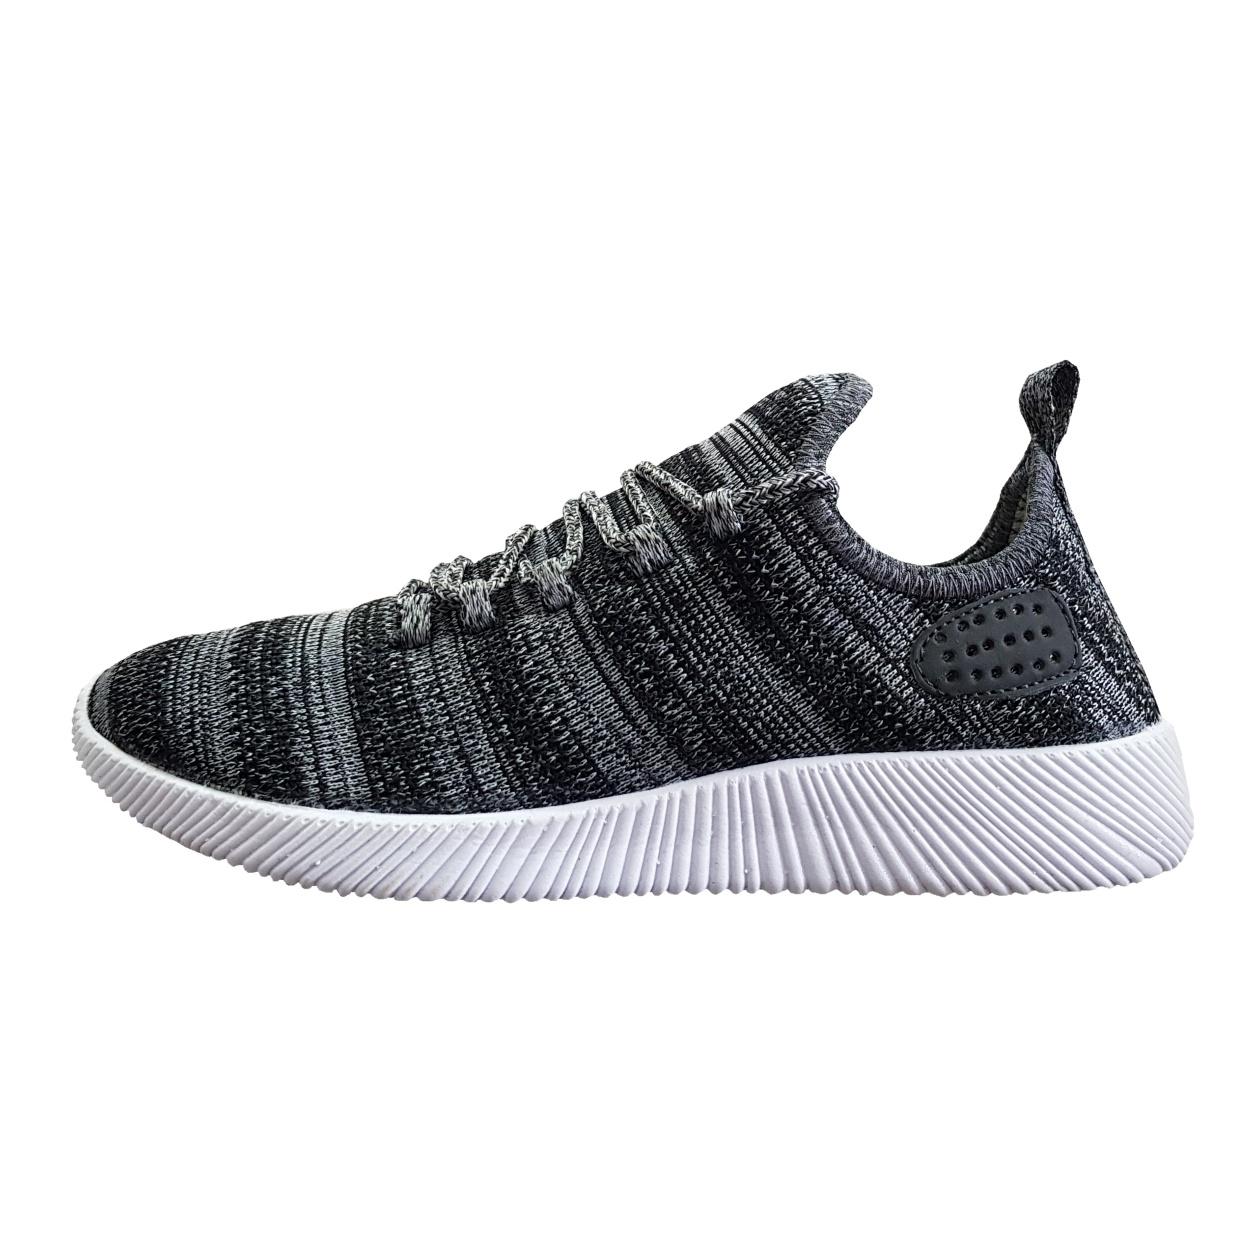 کفش مخصوص پیاده روی مردانه مدل زامورا کد 5049